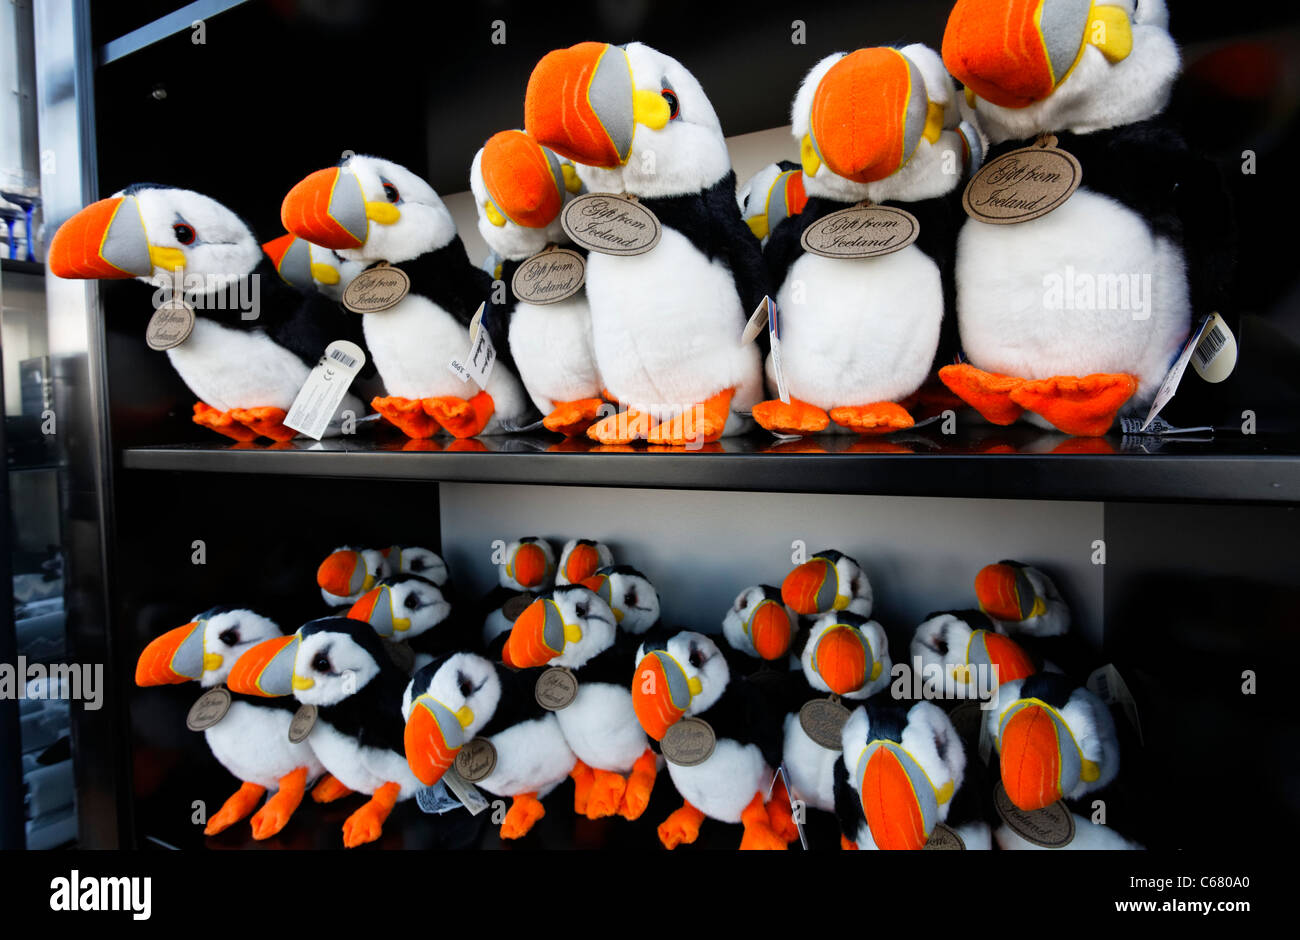 Peluches de Souvenirs à vendre, Reykjavik, Islande Photo Stock